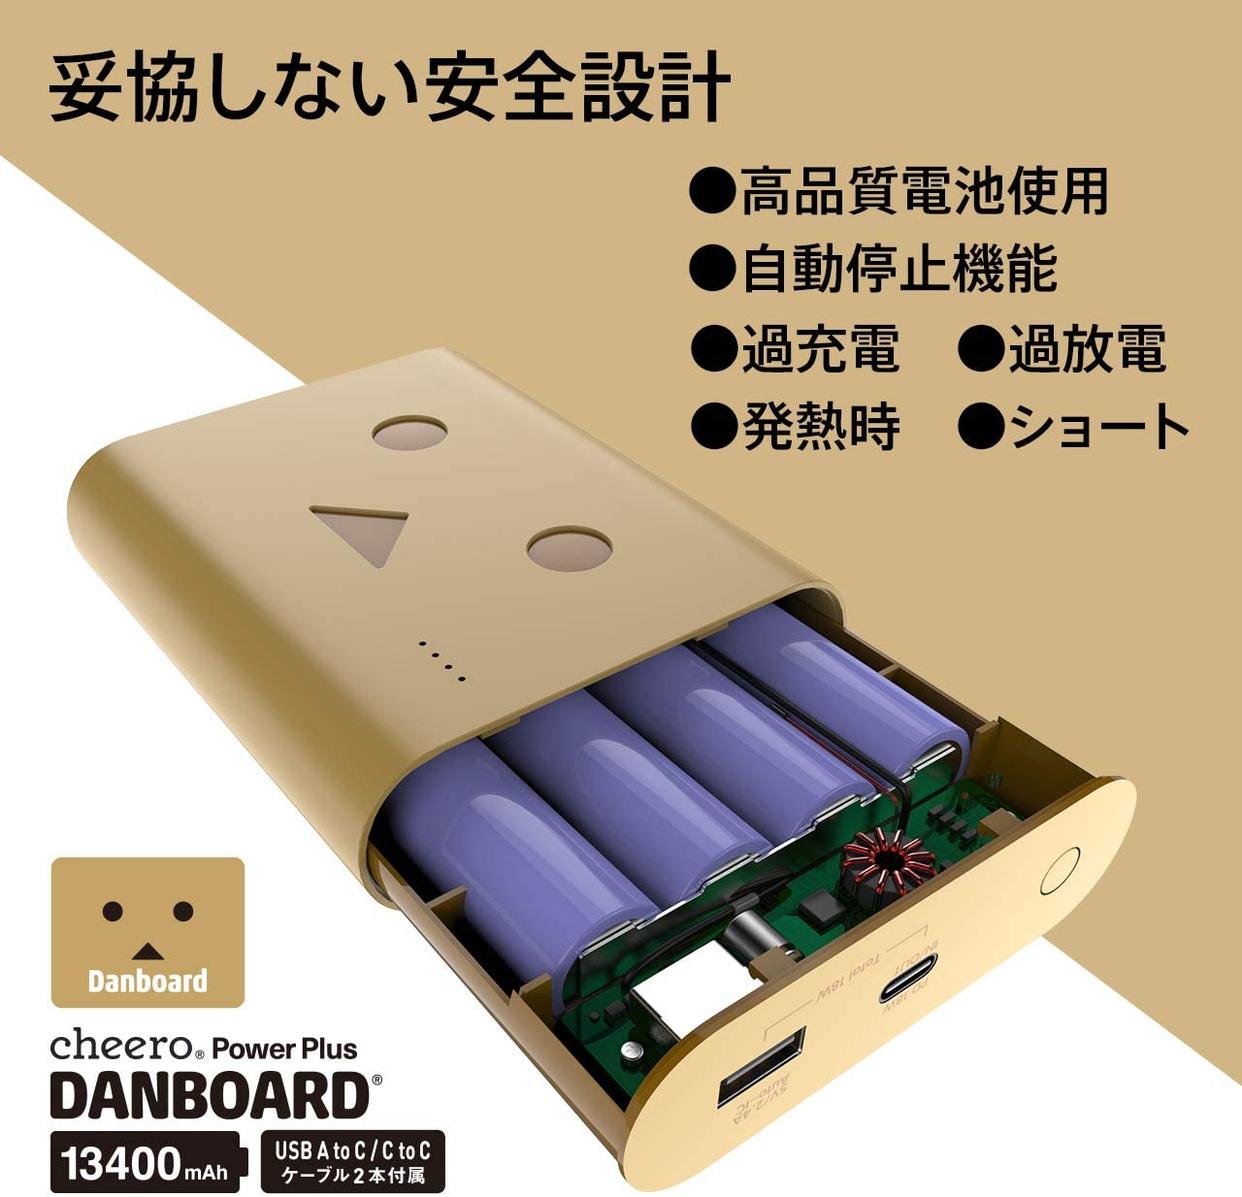 cheero(チーロ) モバイルバッテリー CHE-097-BRの商品画像8